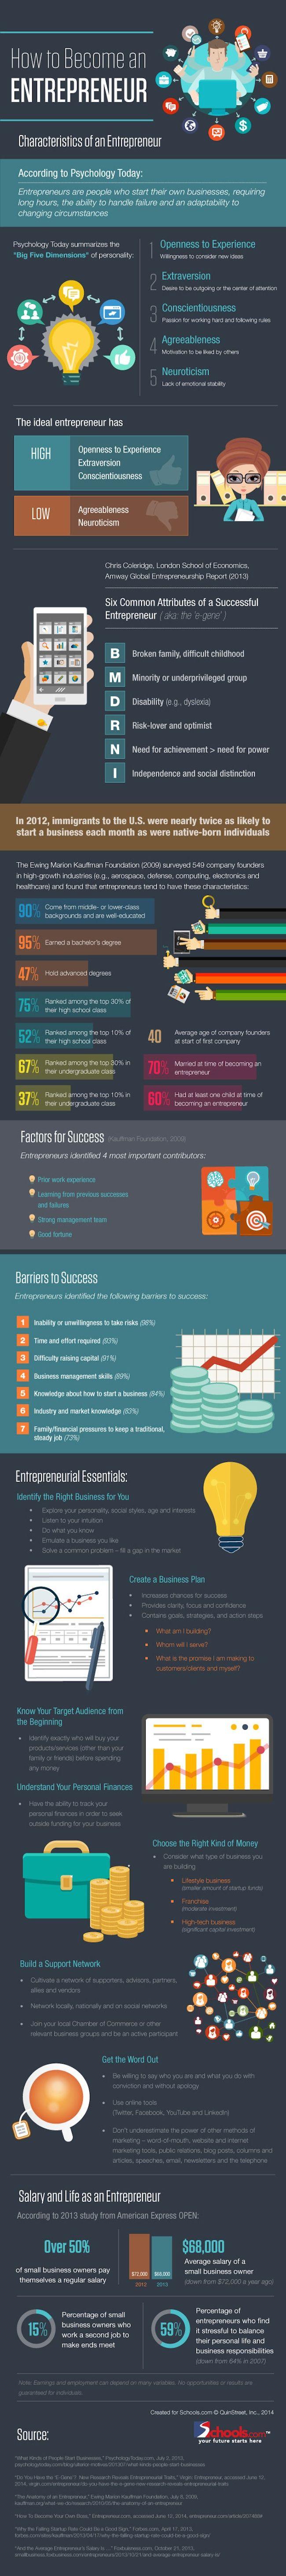 Les caractéristiques à avoir, et les qualités à travailler pour être un super entrepreneur ! ;)